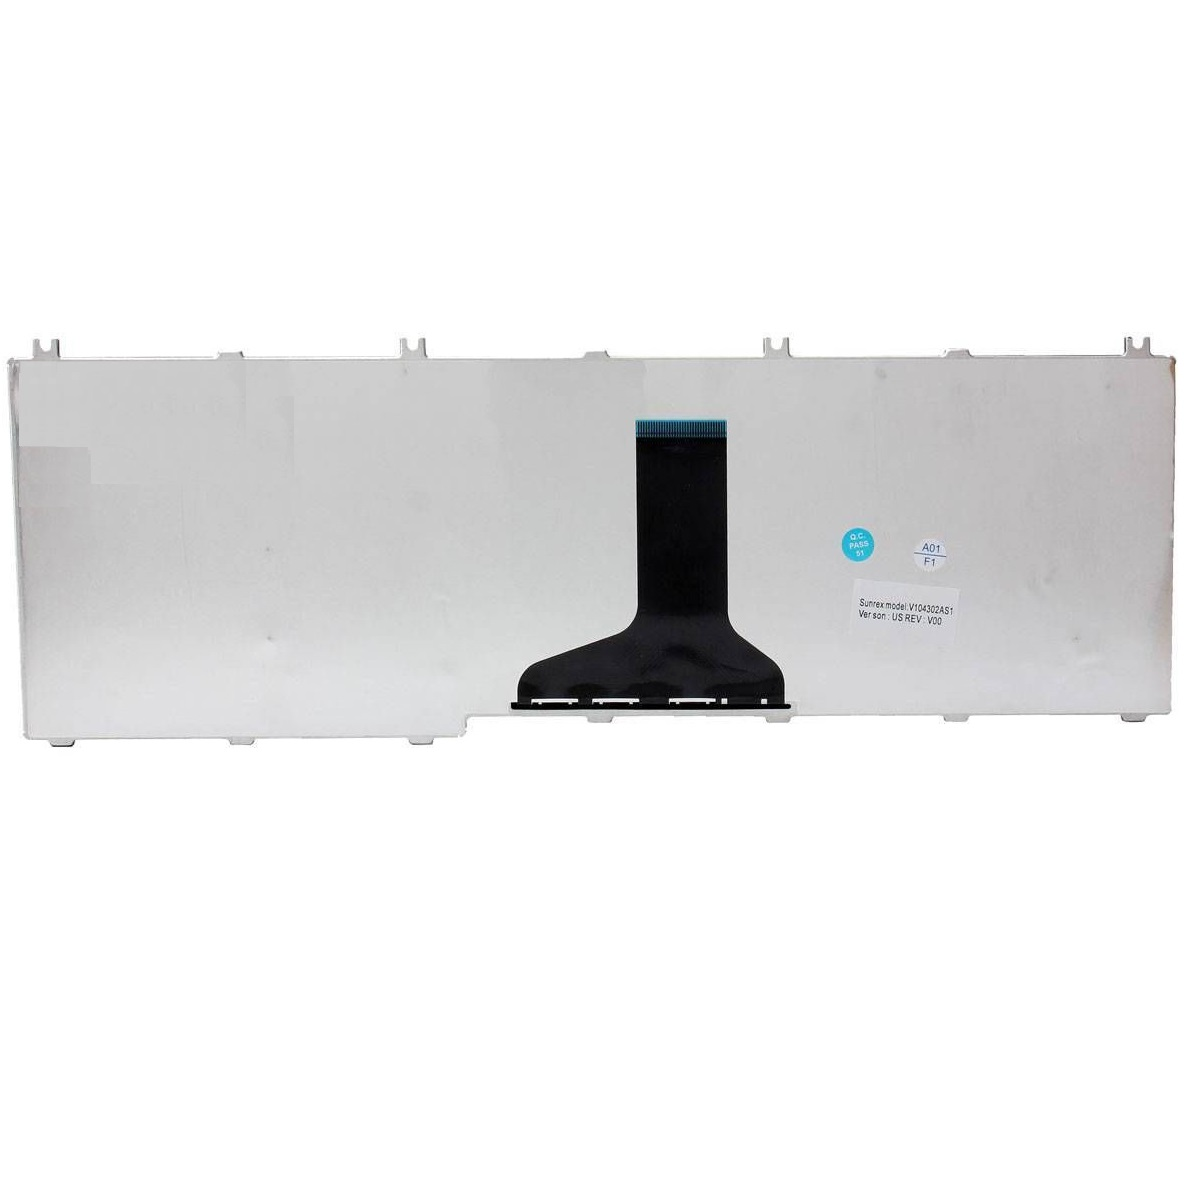 Bàn phím dành cho Laptop Toshiba Dynabook T350/56AW